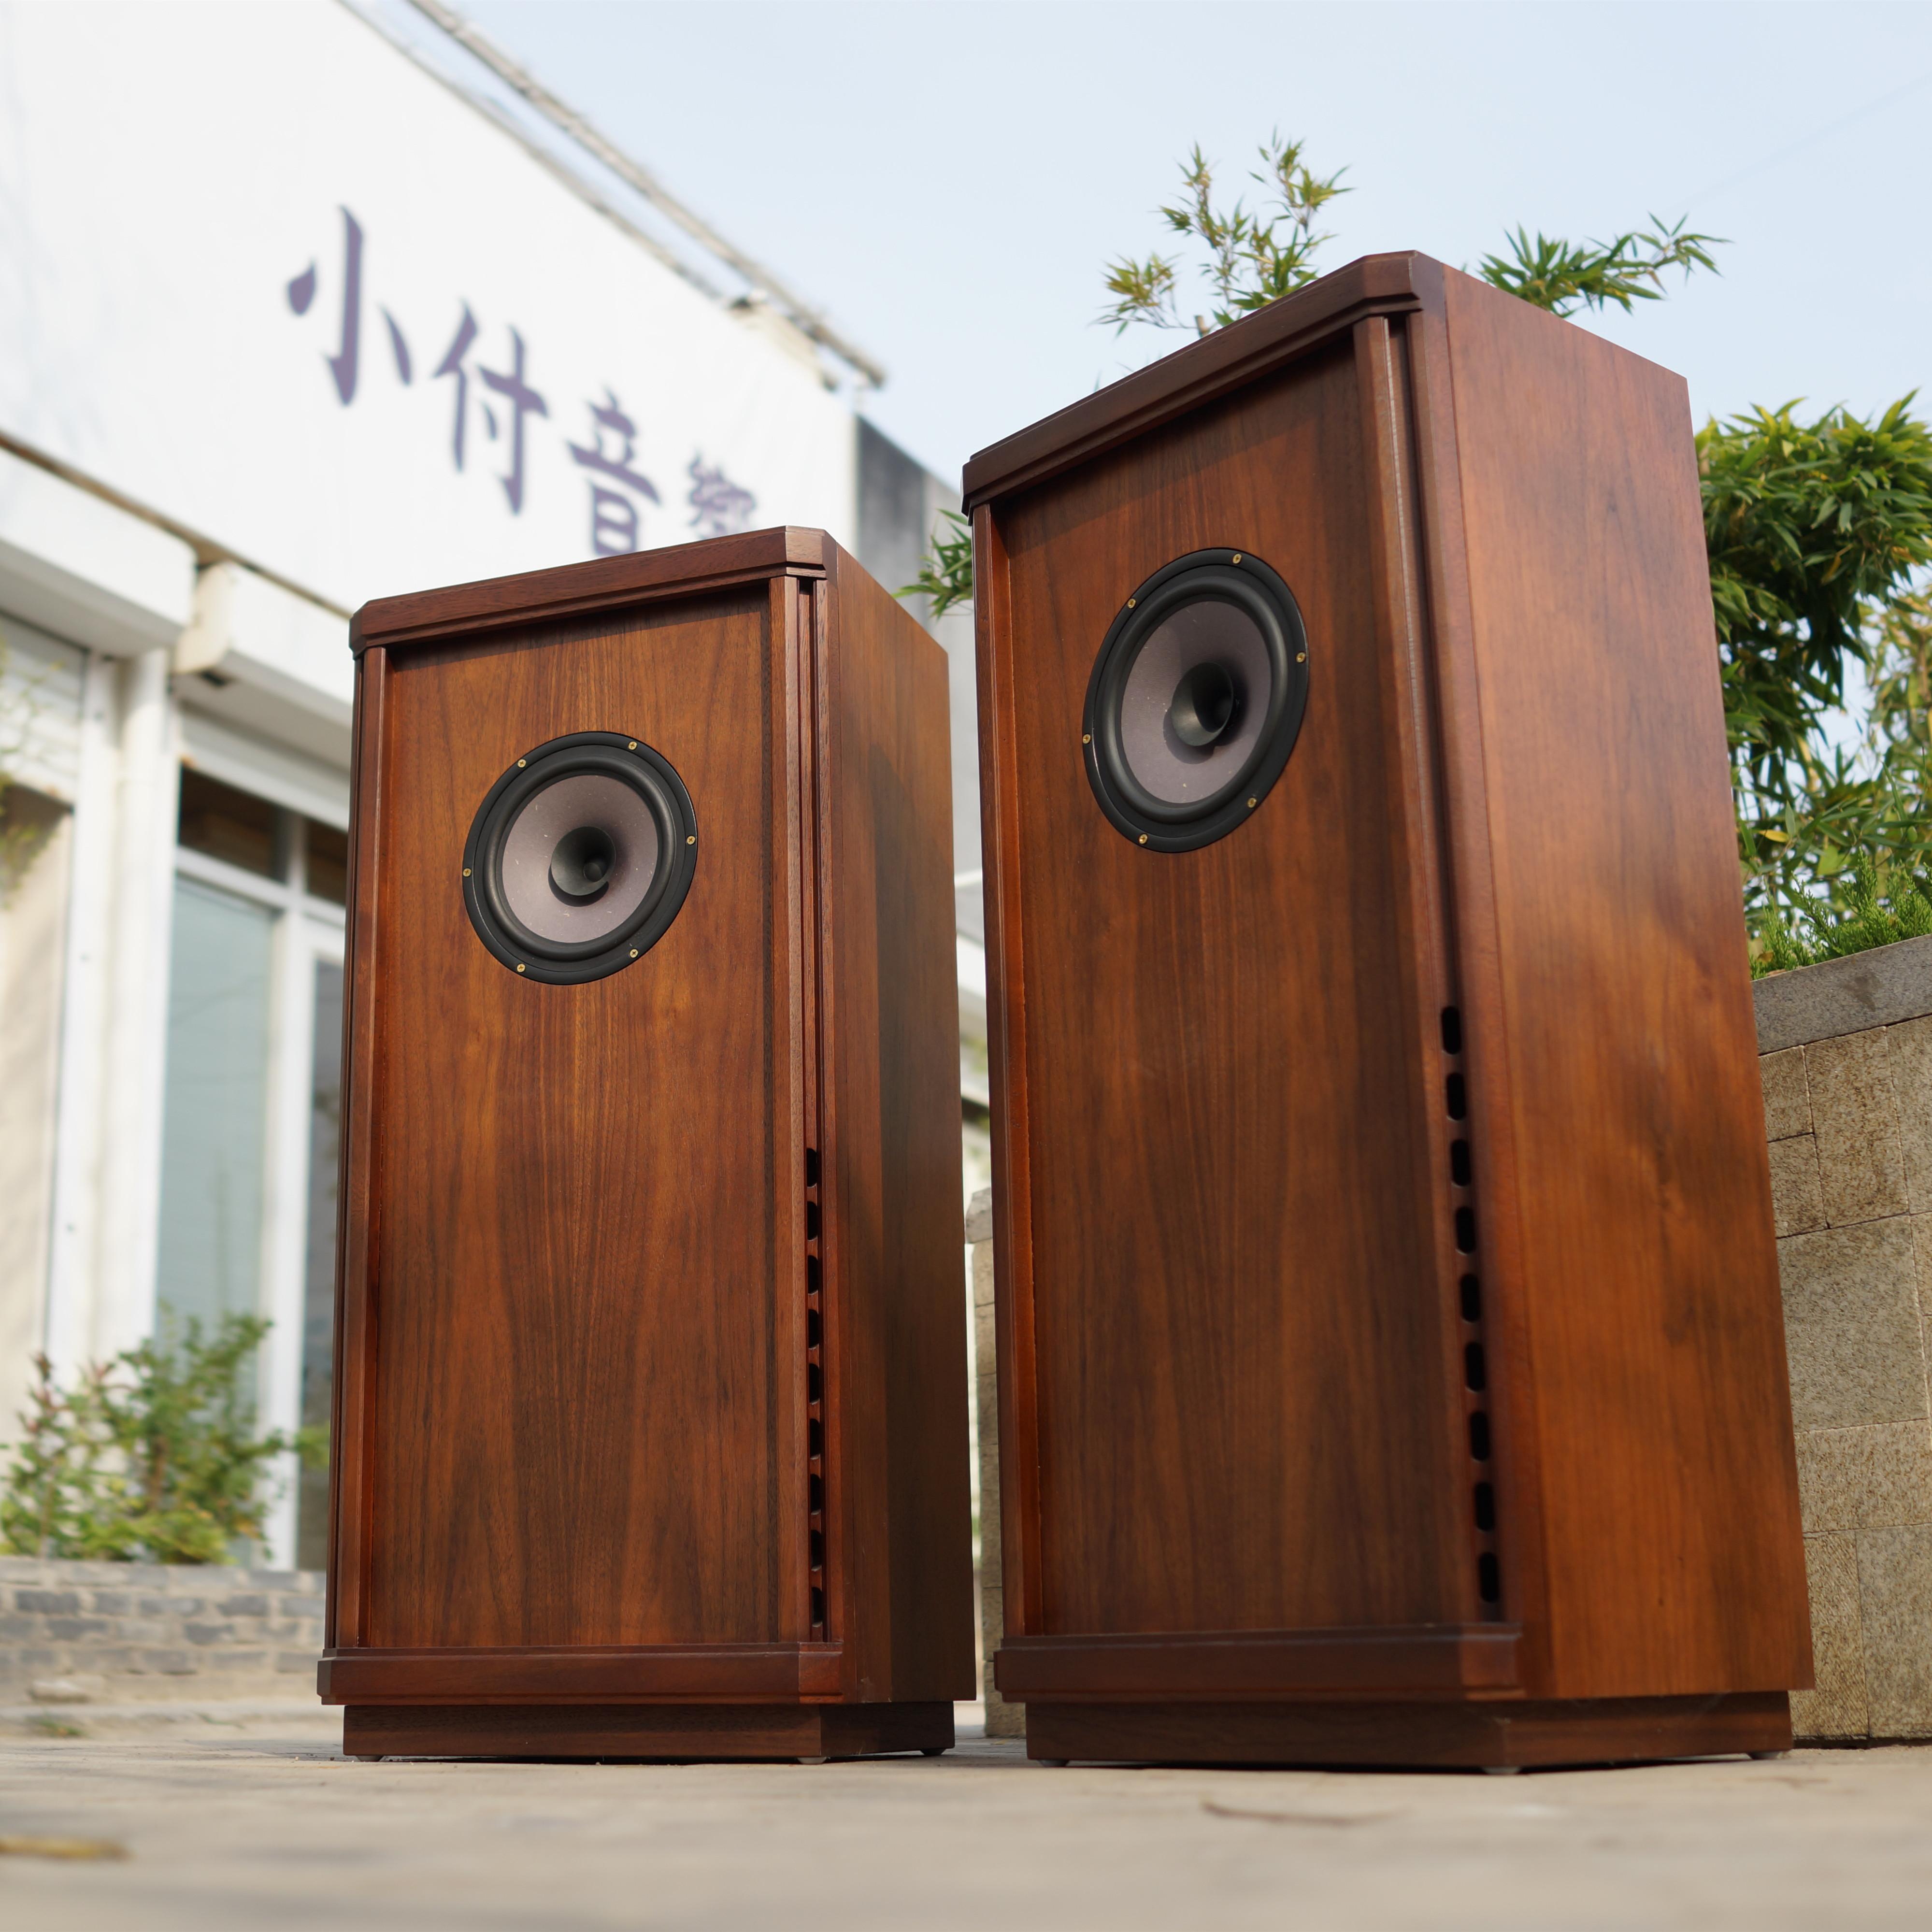 小全频音箱|4寸全频音箱图纸|12寸全频音箱制作 - 全